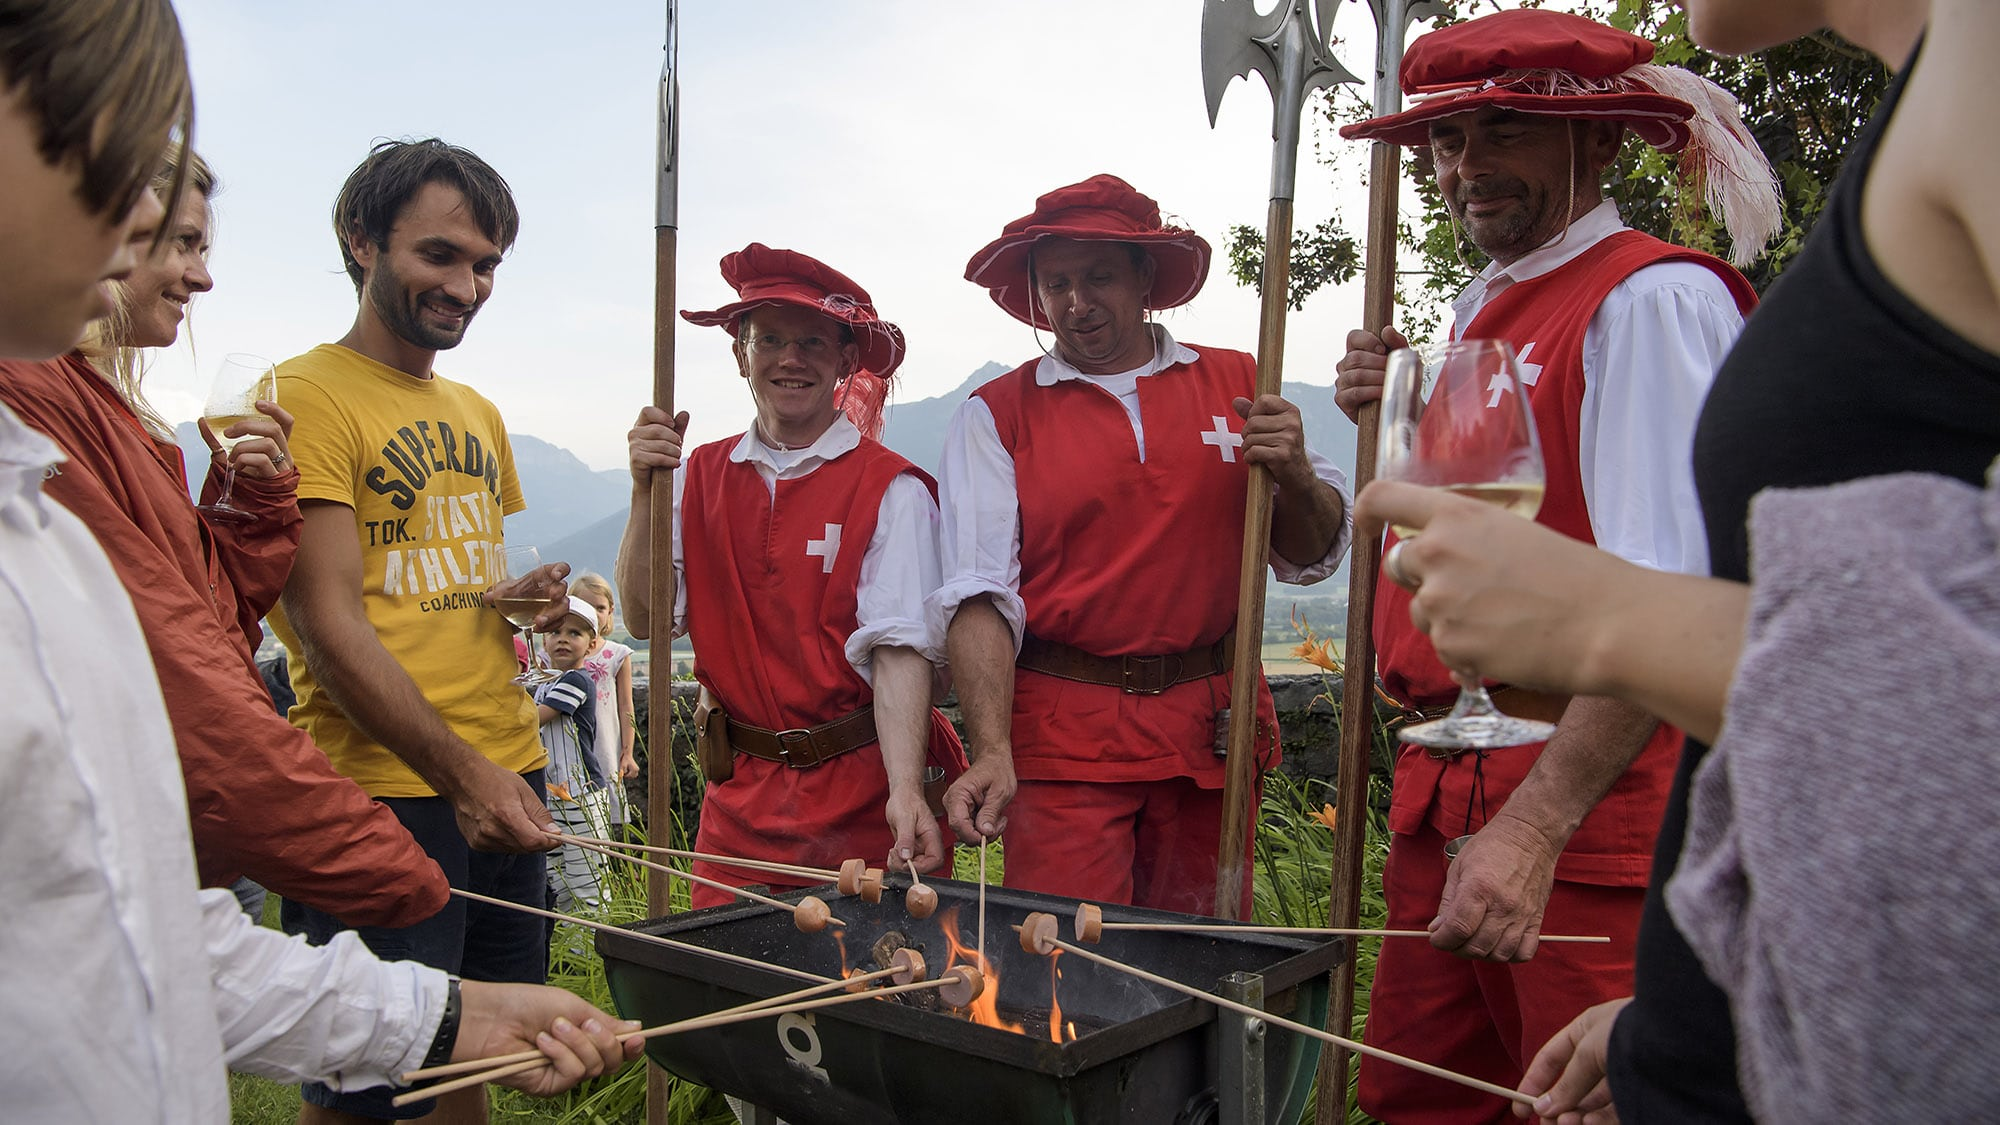 Des personnes font griller des cervelas sur un feu lors de la Fete national suisse ce mardi 1 aout 2017 a Yvorne. (KEYSTONE/J